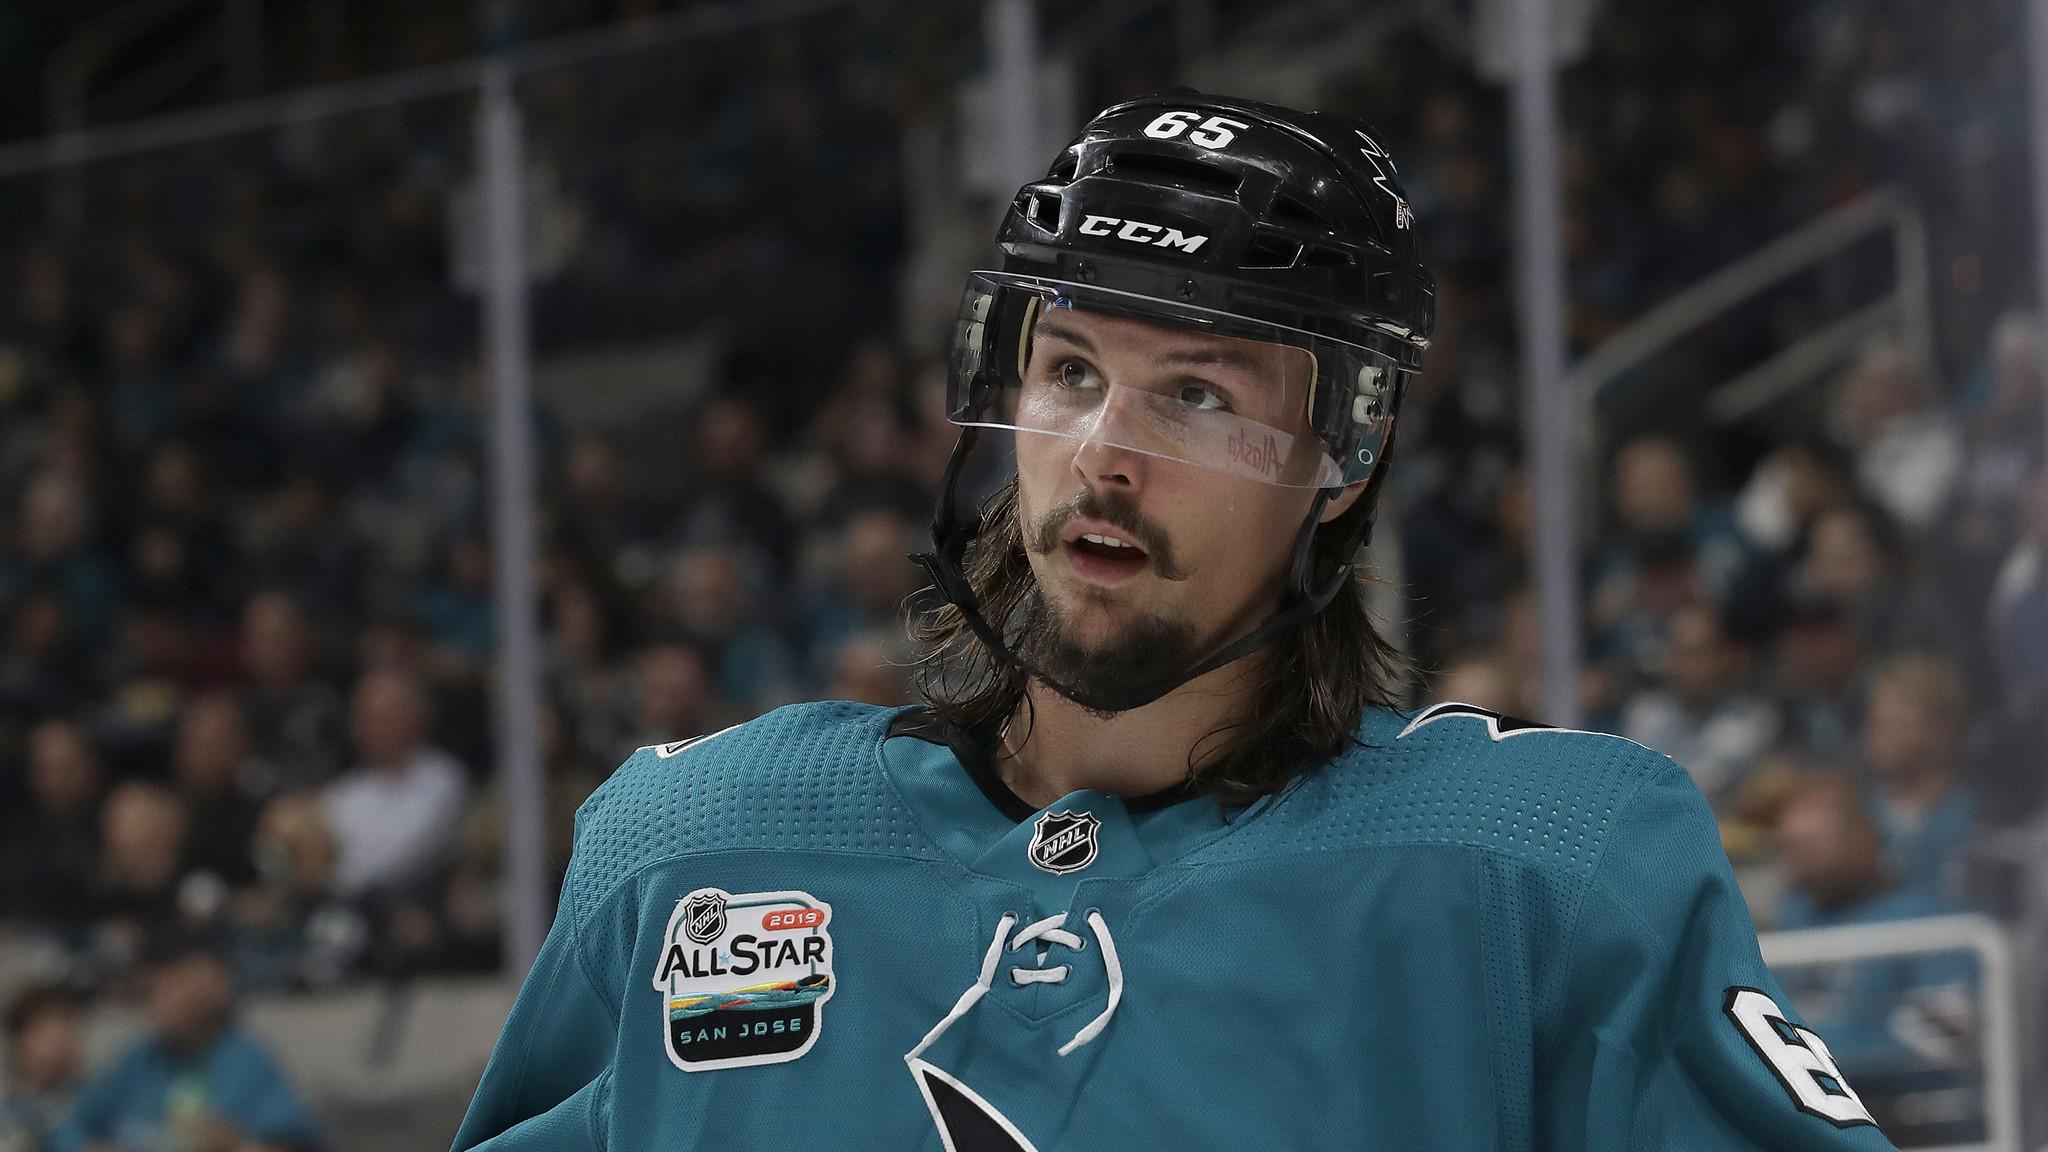 Sharks sign defenseman Erik Karlsson to 8-year, $92 million deal